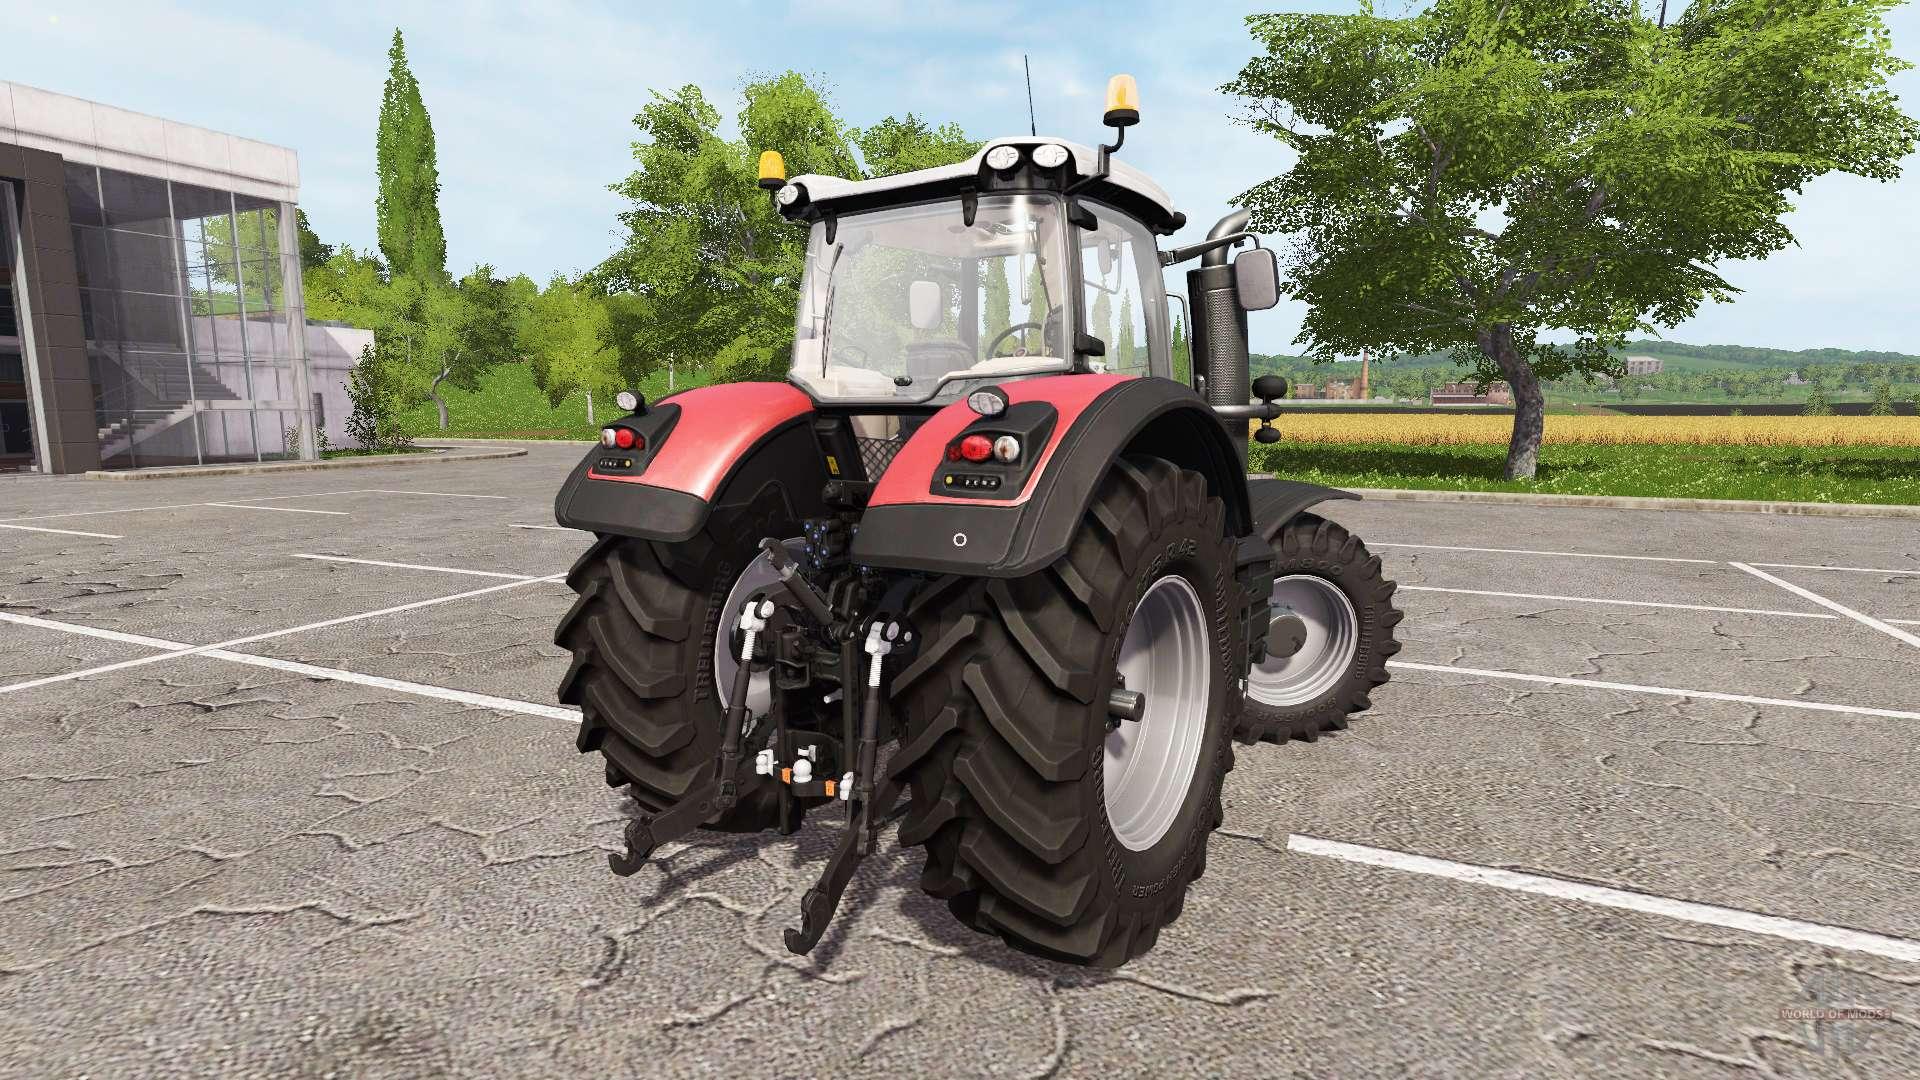 Трактор - АТЗ ТТ-4 - Тракторы и сельхозтехника в Улан-Удэ